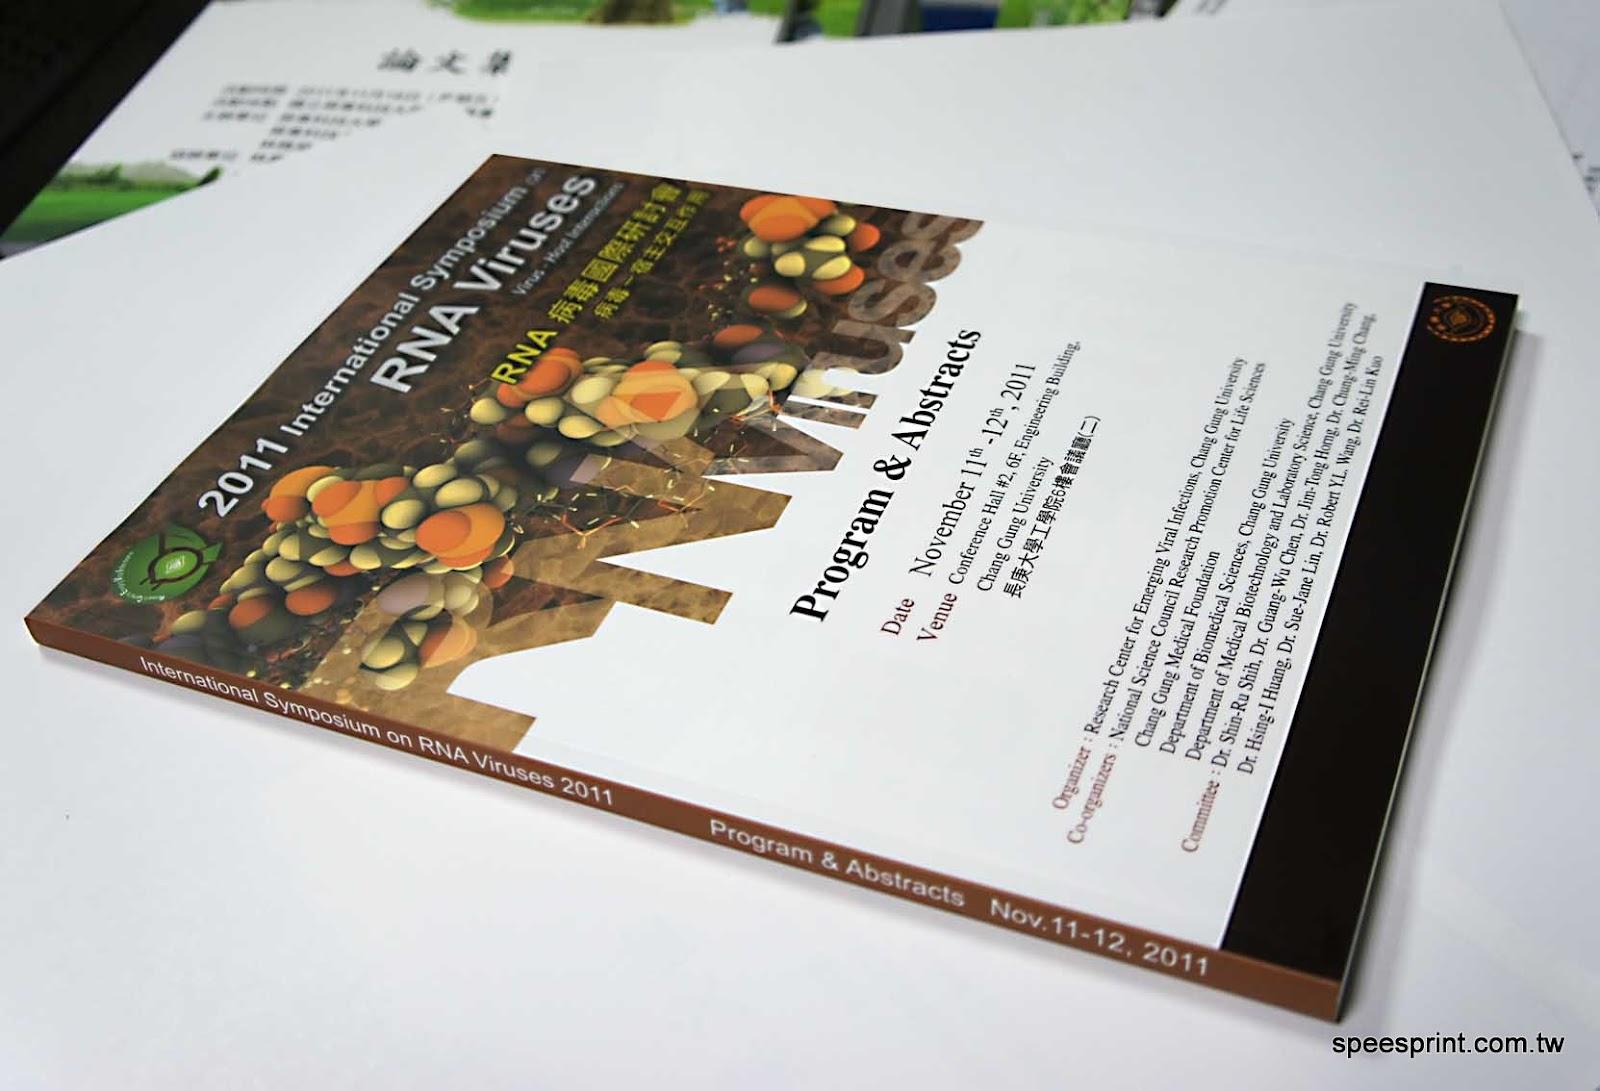 會議手冊論文集 / 消光面平裝